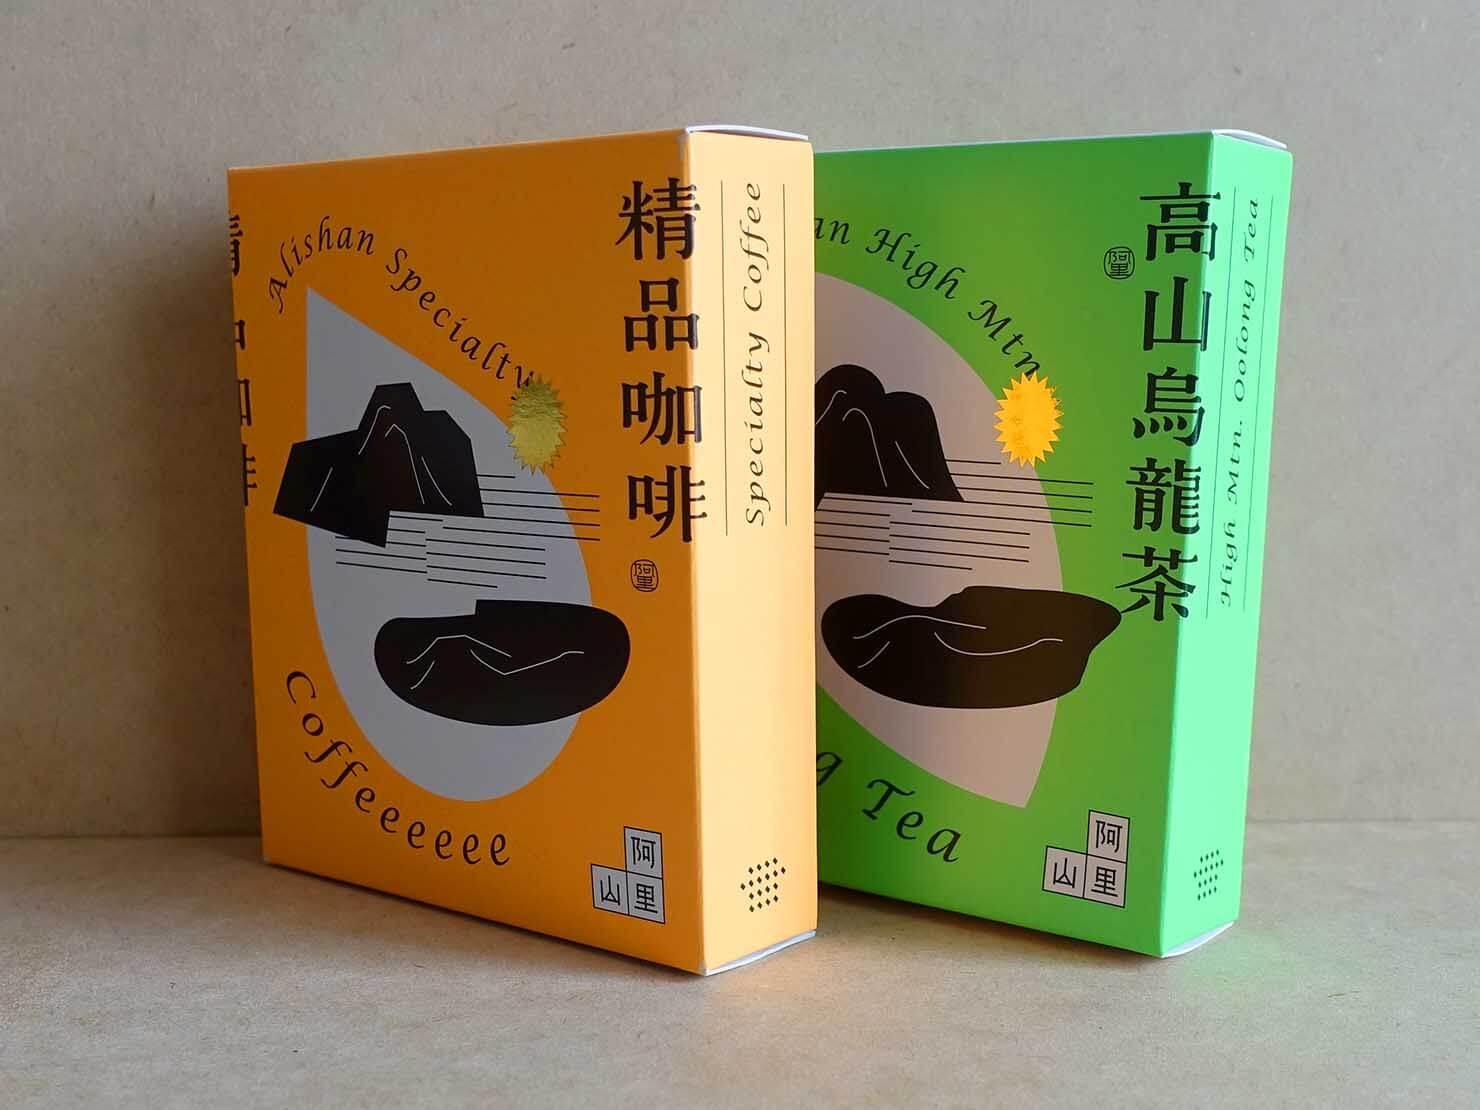 台北・永康街のおすすめおみやげショップ「來好 LAIHAO」で買った精品咖啡&高山烏龍茶